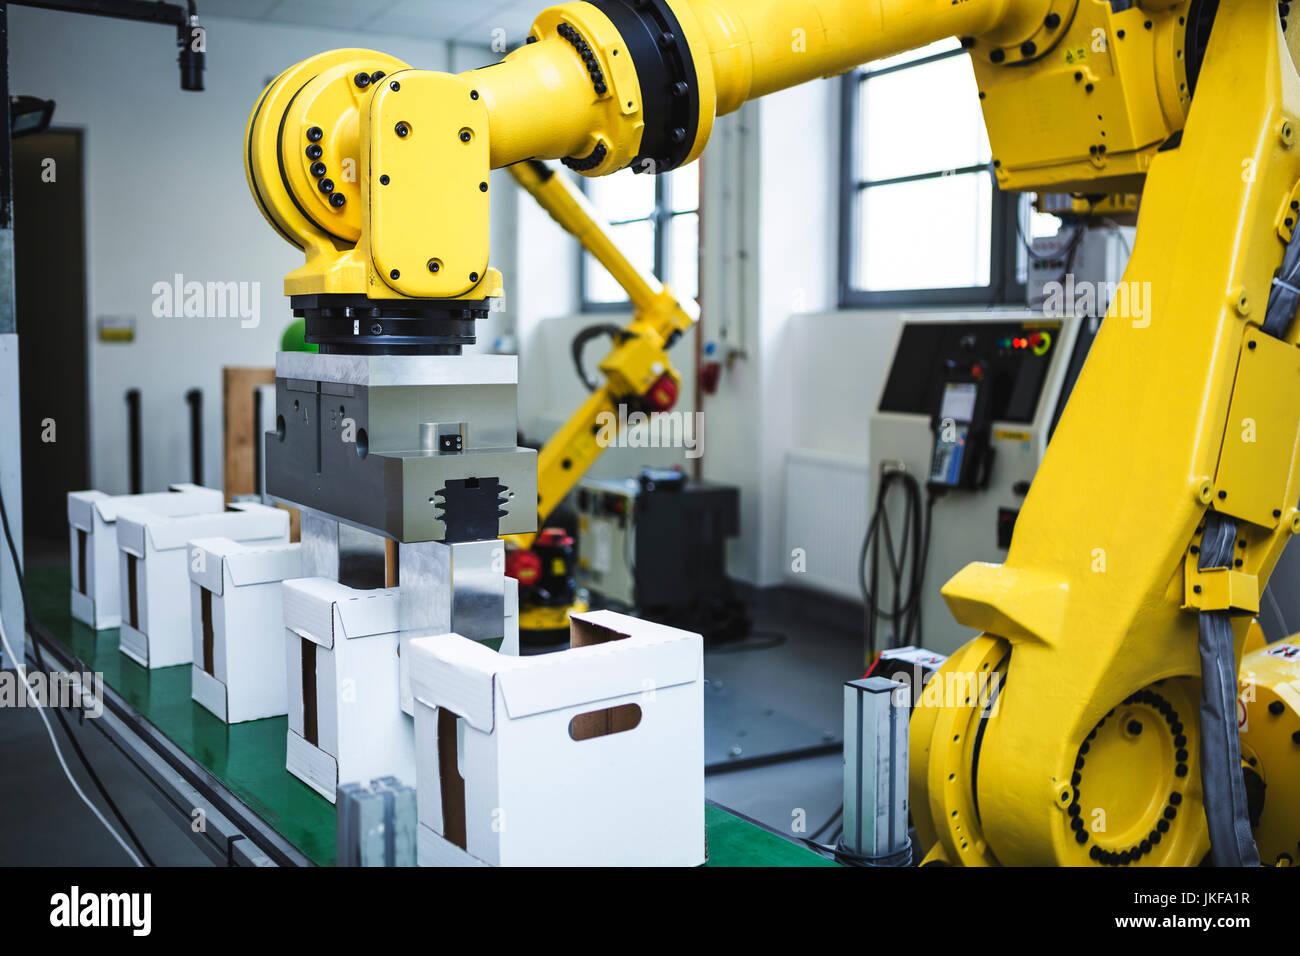 Robot industriale al lavoro Immagini Stock